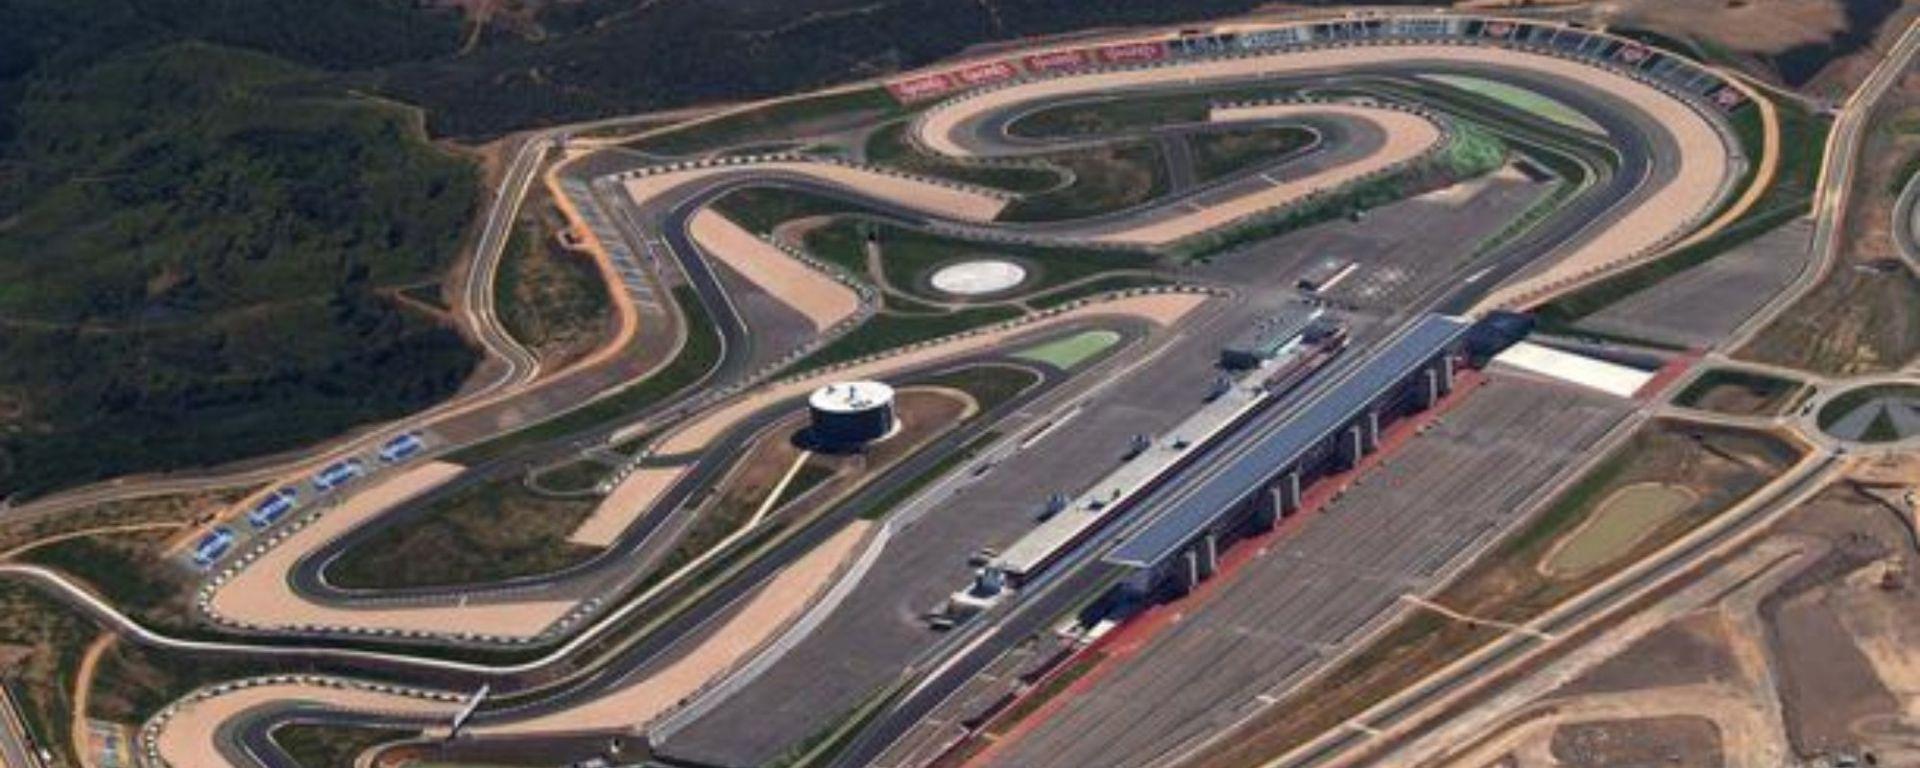 La pista di Portimao, Circuito do Algarve